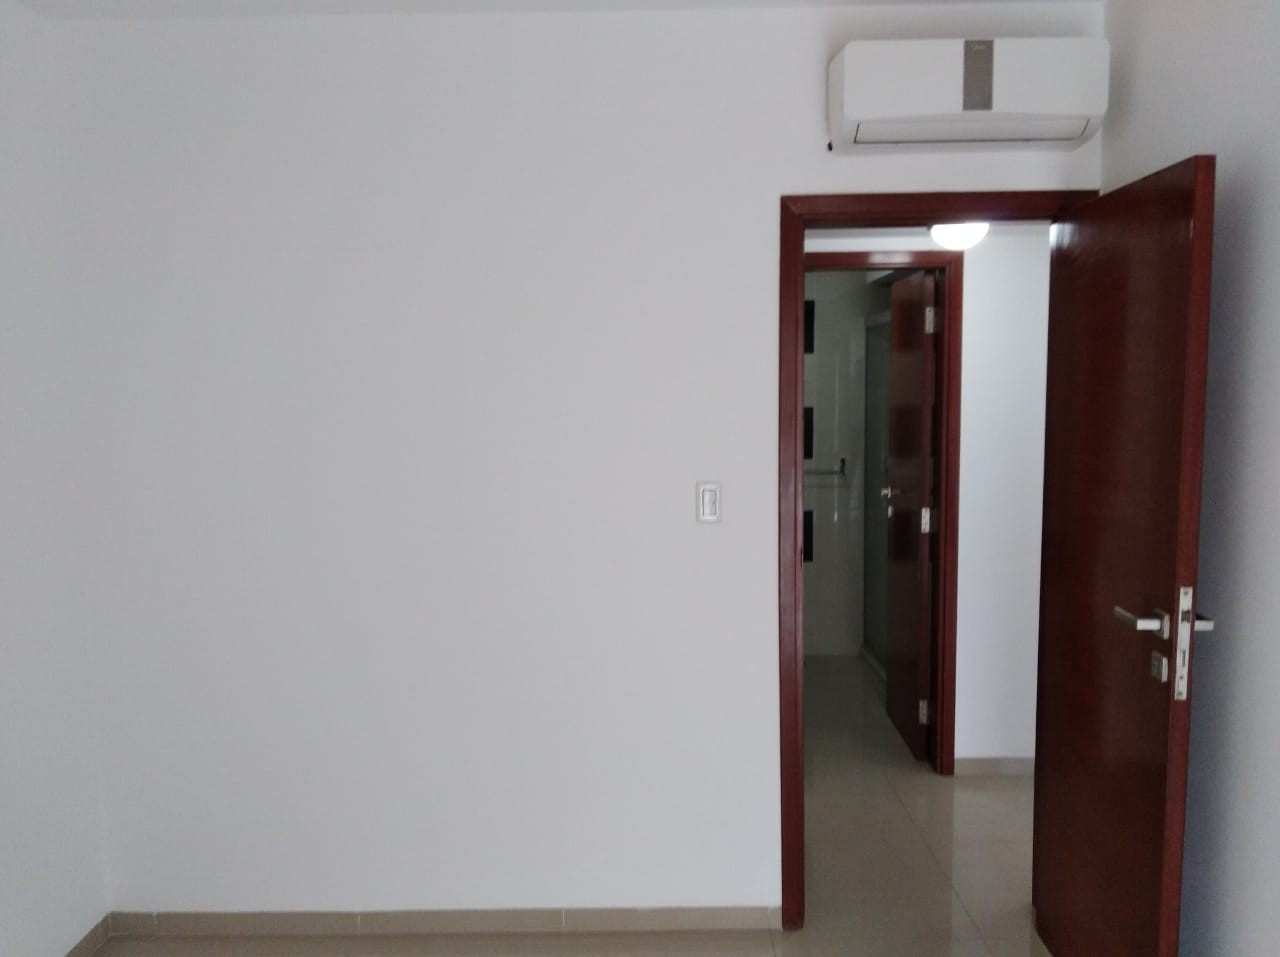 Departamento en Venta Av. Los cusis entre alemana y beni Foto 5